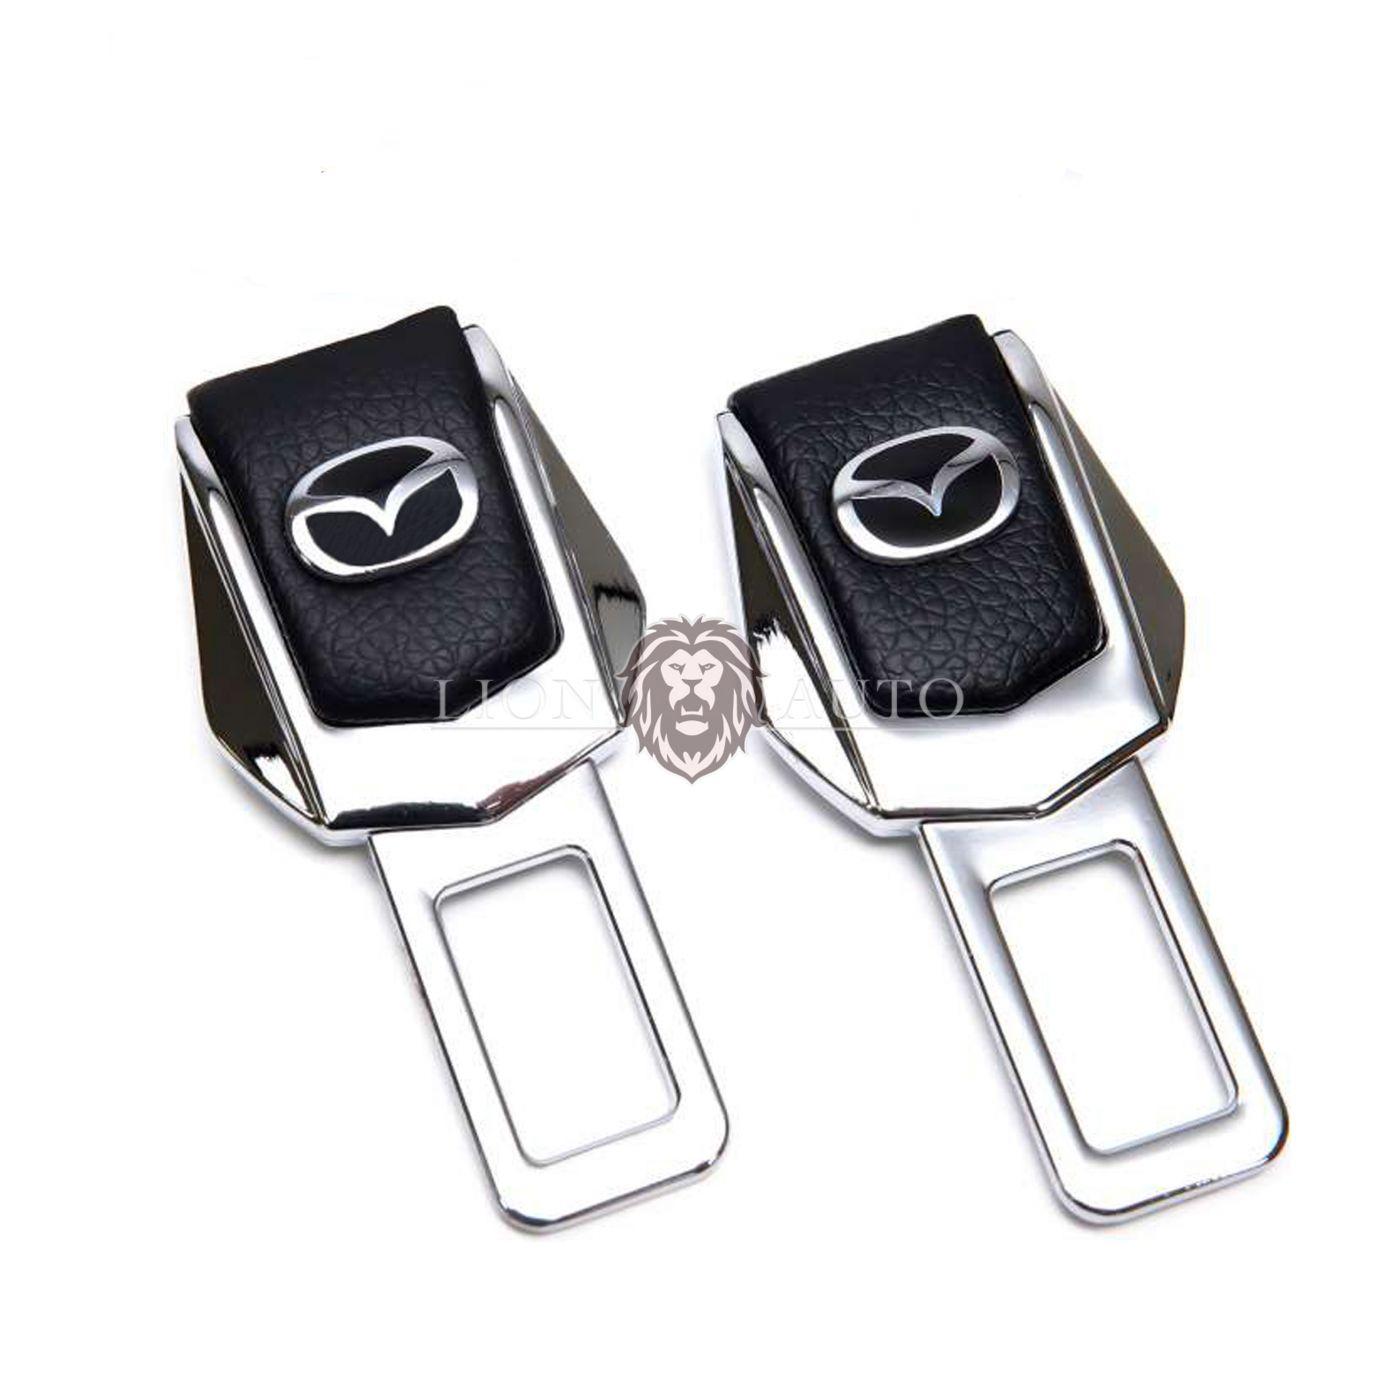 Заглушки ремня безопасности на Mazda (набор)